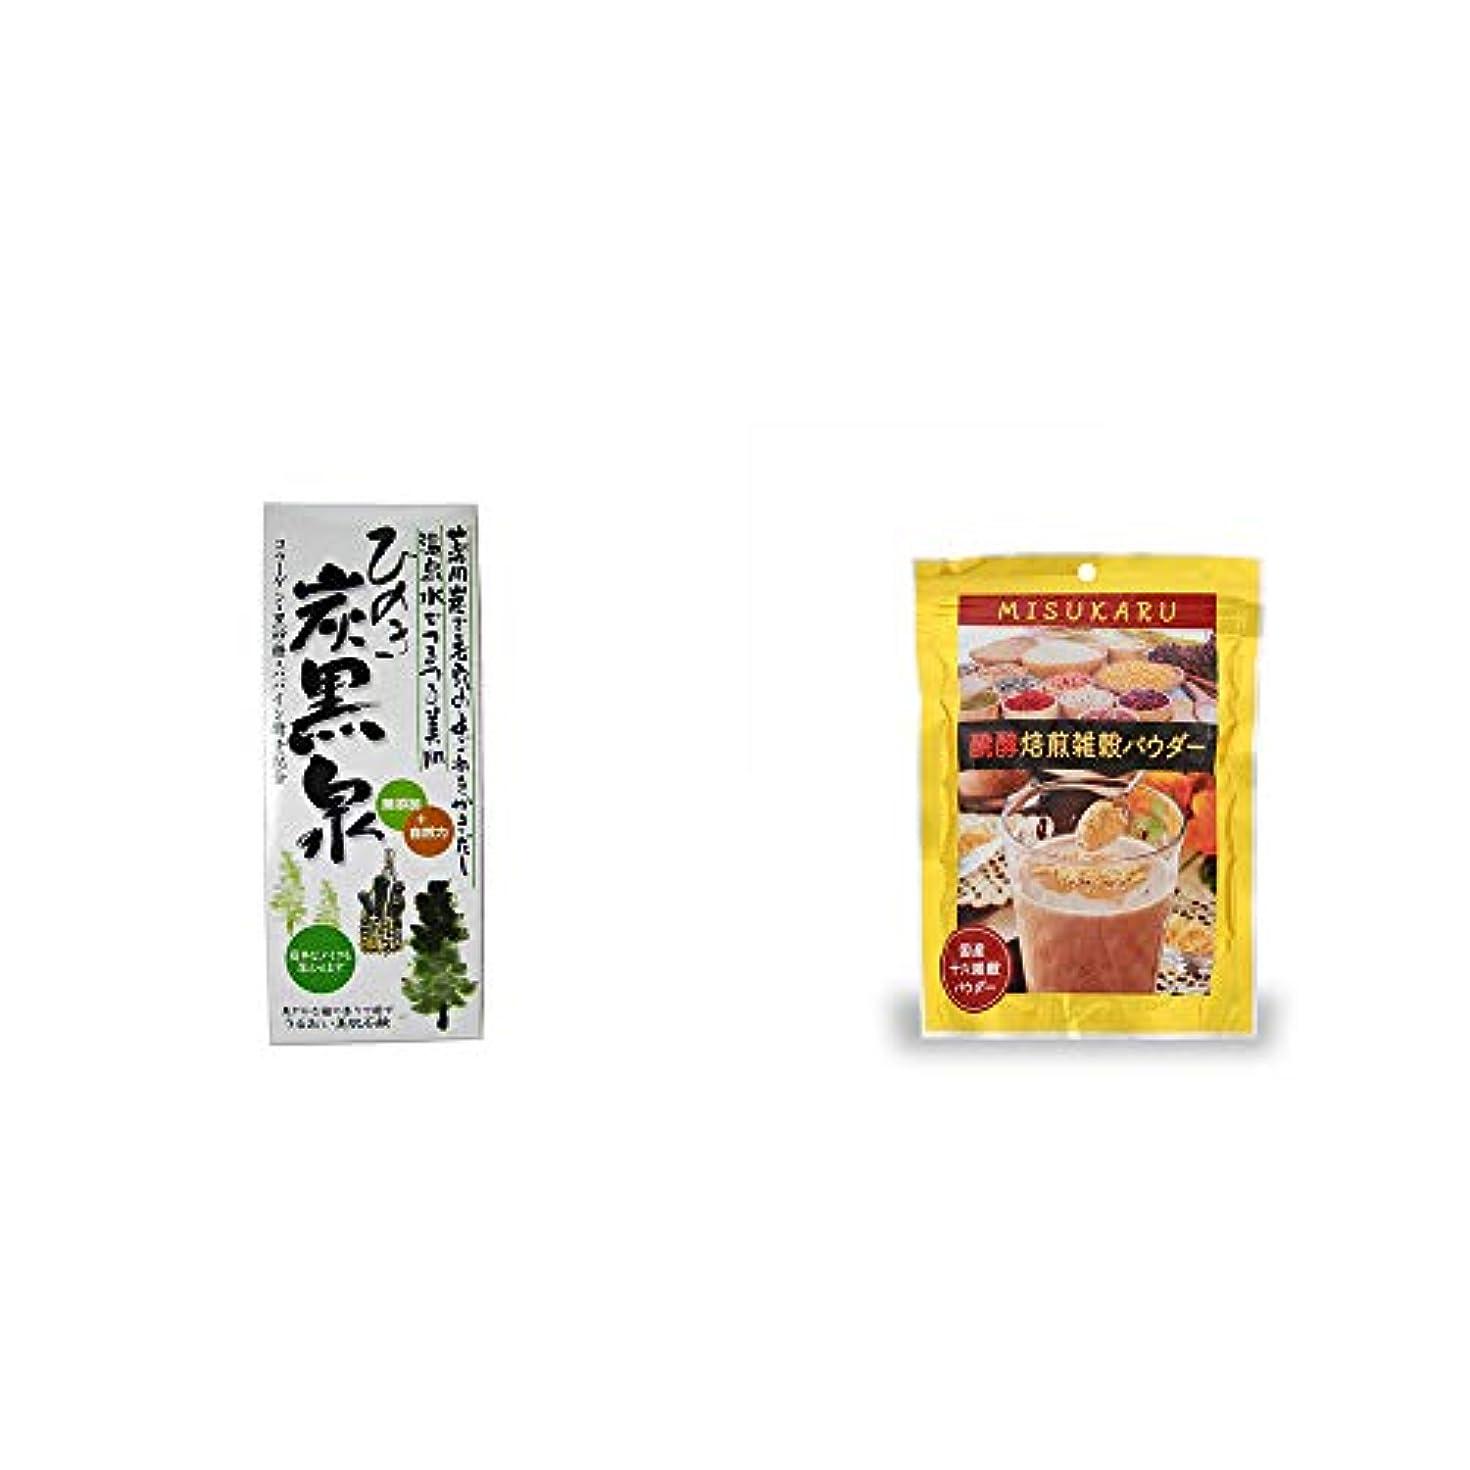 恐怖精算堂々たる[2点セット] ひのき炭黒泉 箱入り(75g×3)?醗酵焙煎雑穀パウダー MISUKARU(ミスカル)(200g)